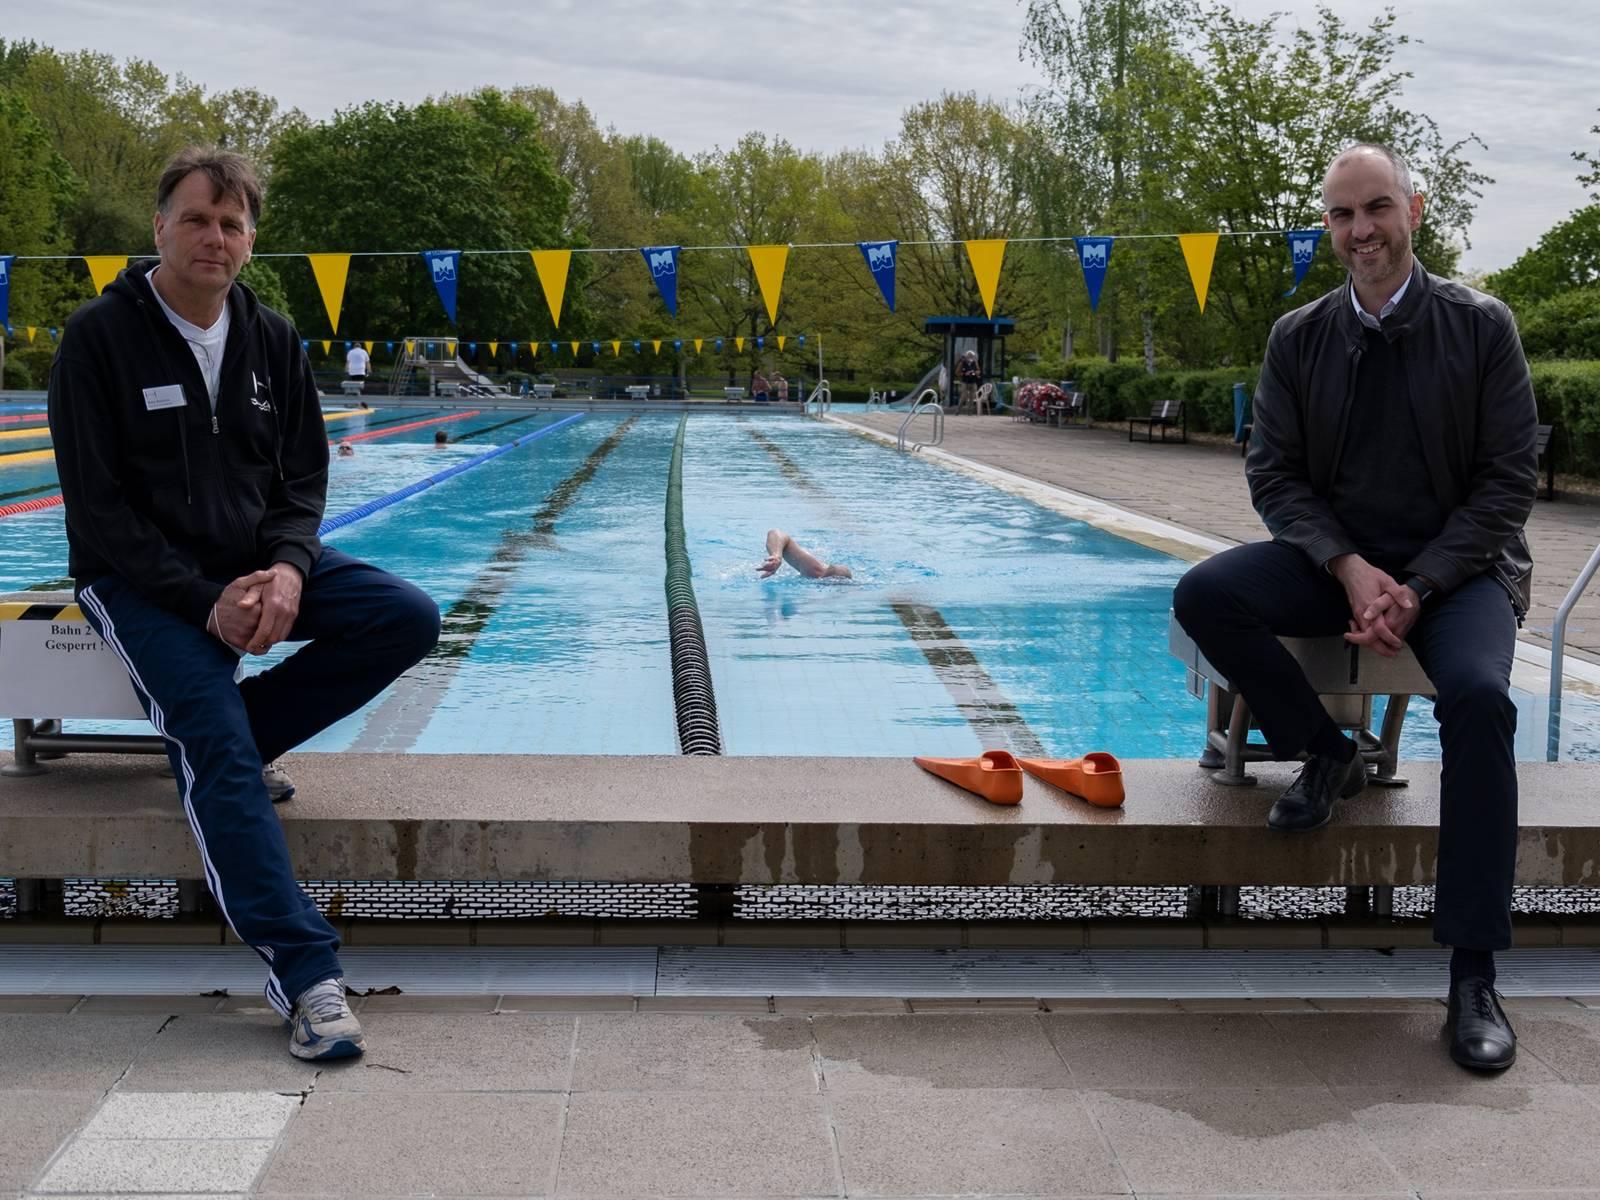 Zwei Männer sitzen am Rand eines Schwimmbeckens